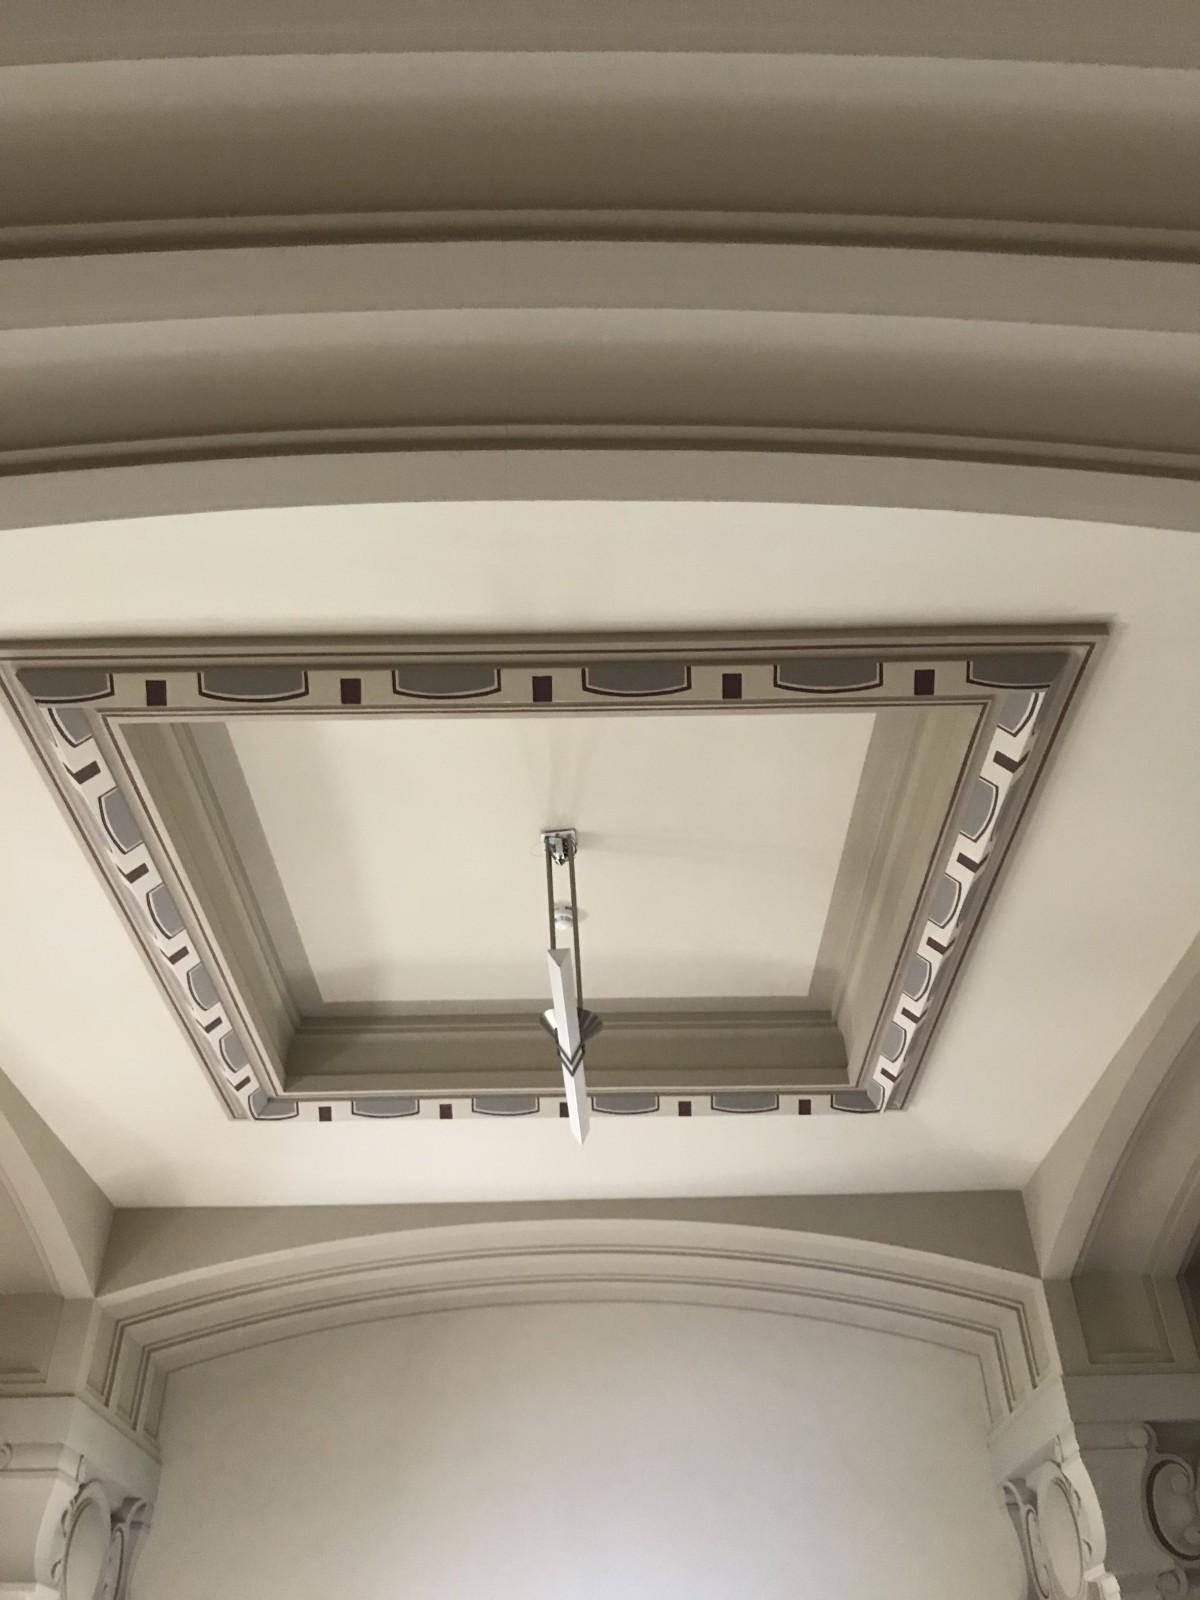 Plafond et frise